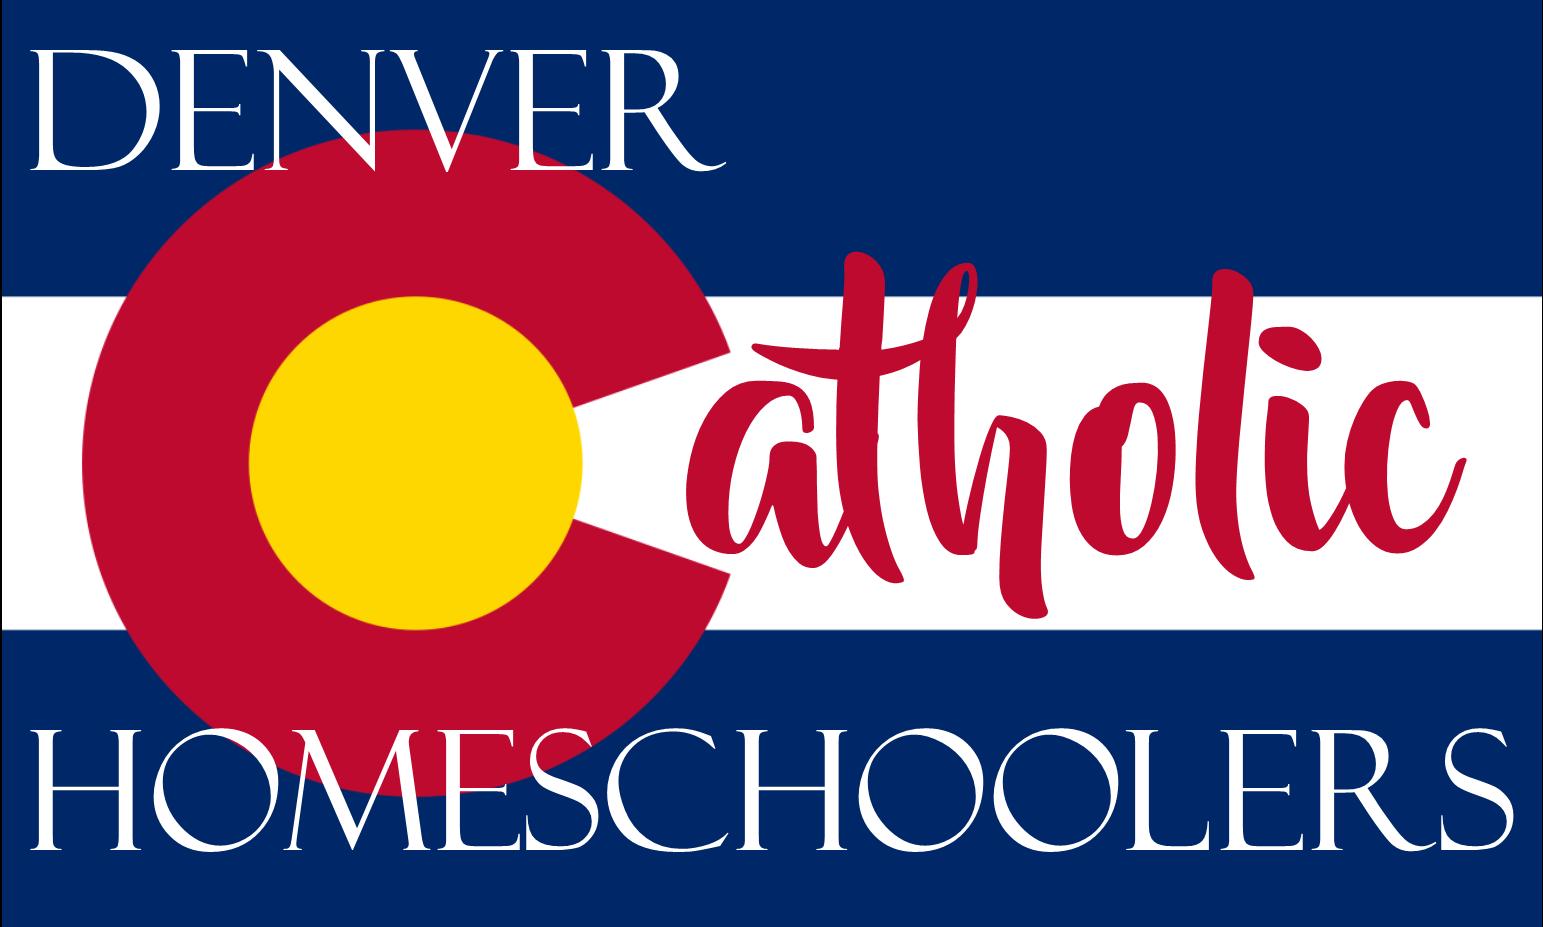 Denver Catholic Homeschoolers